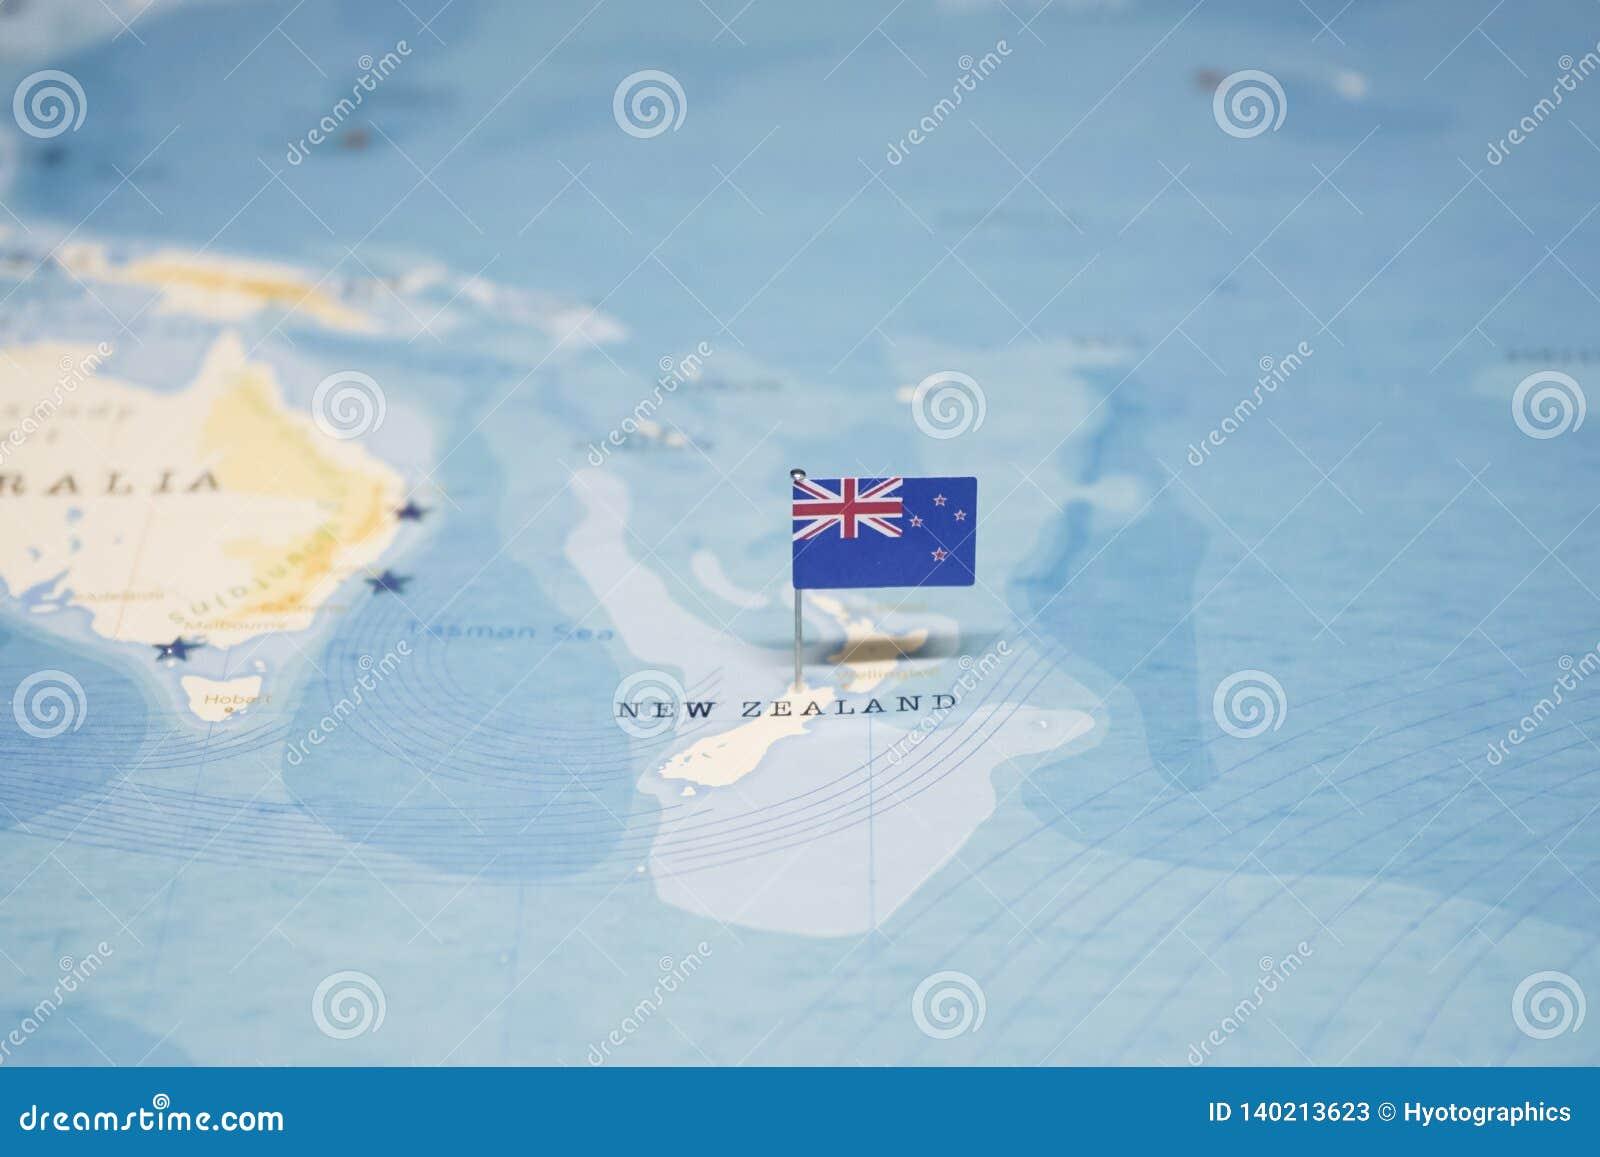 De Vlag van Nieuw Zeeland in de wereldkaart